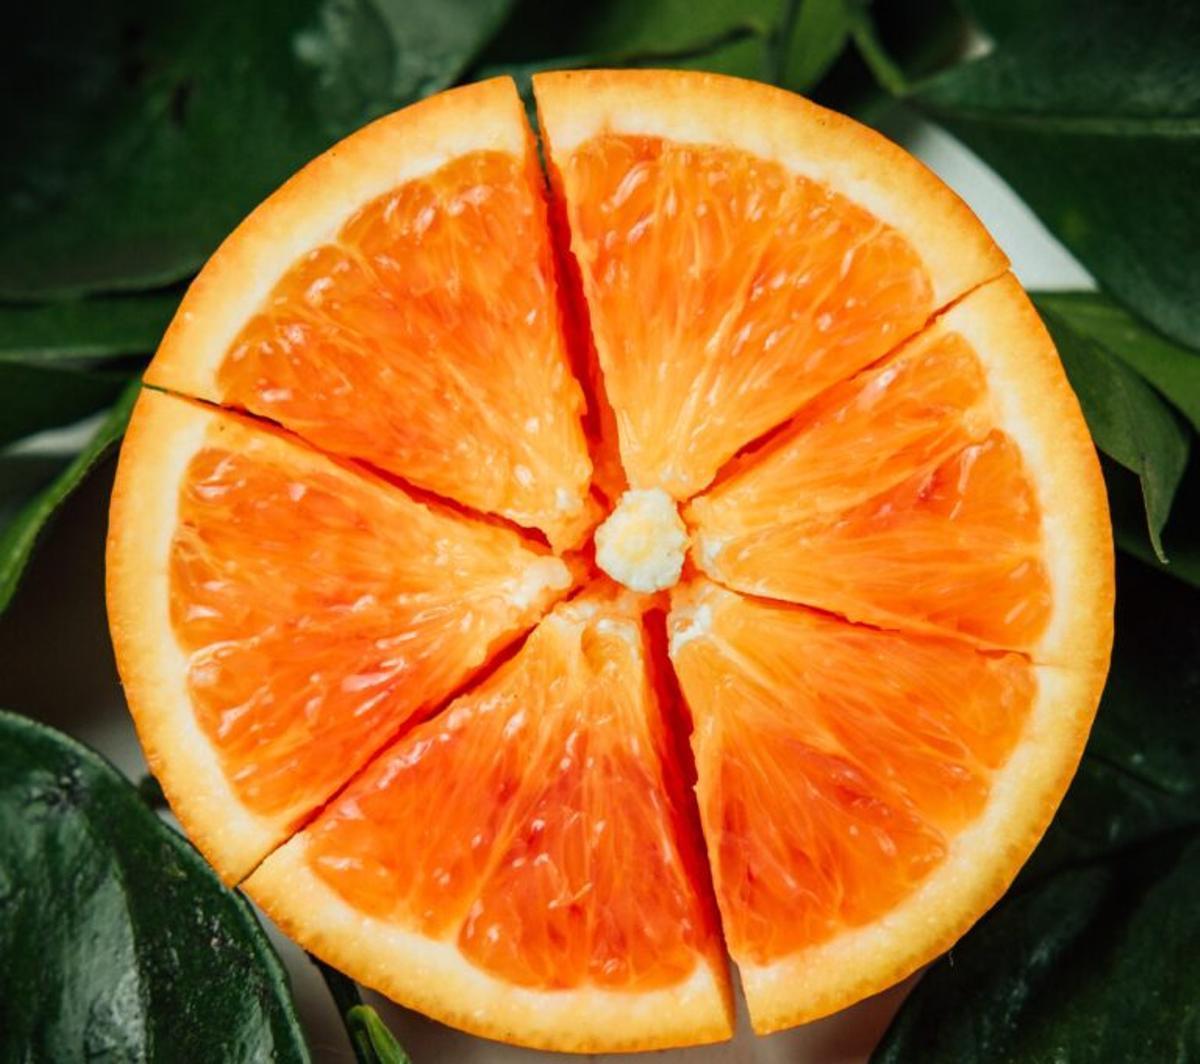 Mitos & verdades de la salud ¿La vitamina C cura el catarro? ¿Un susto quita el hipo?…